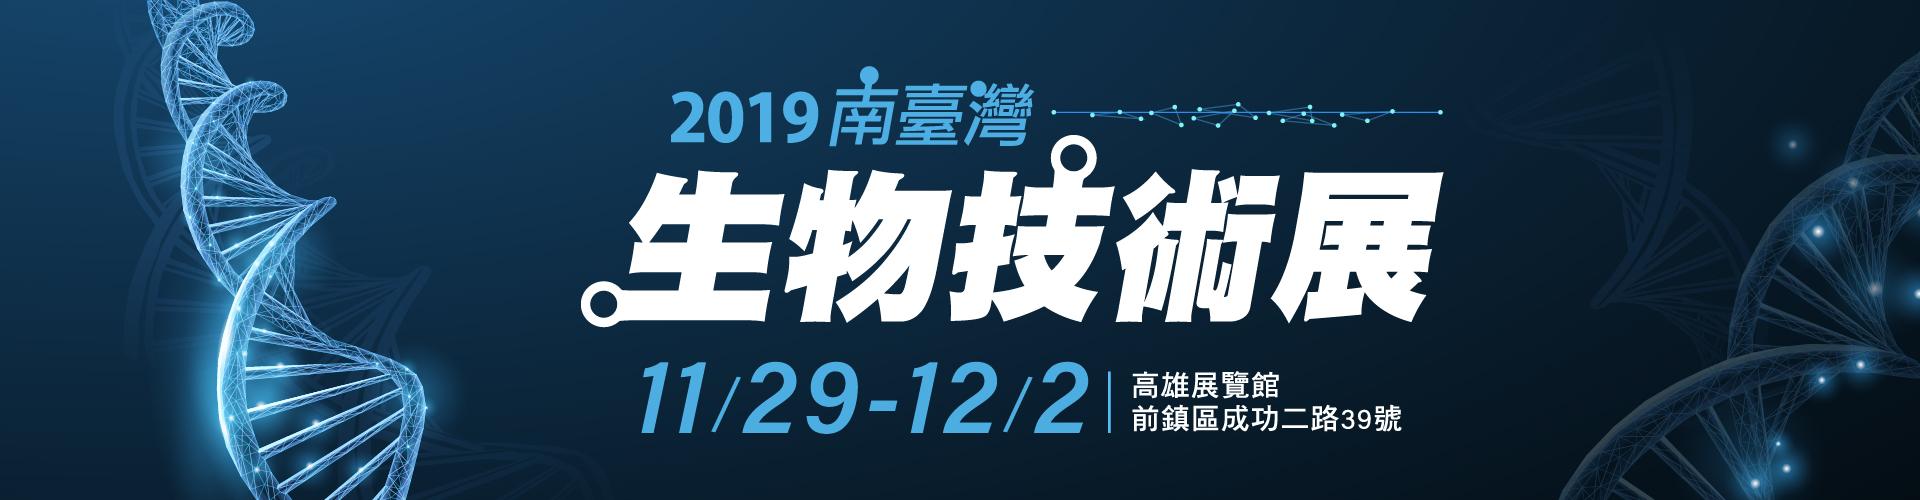 2019南臺灣生物技術展